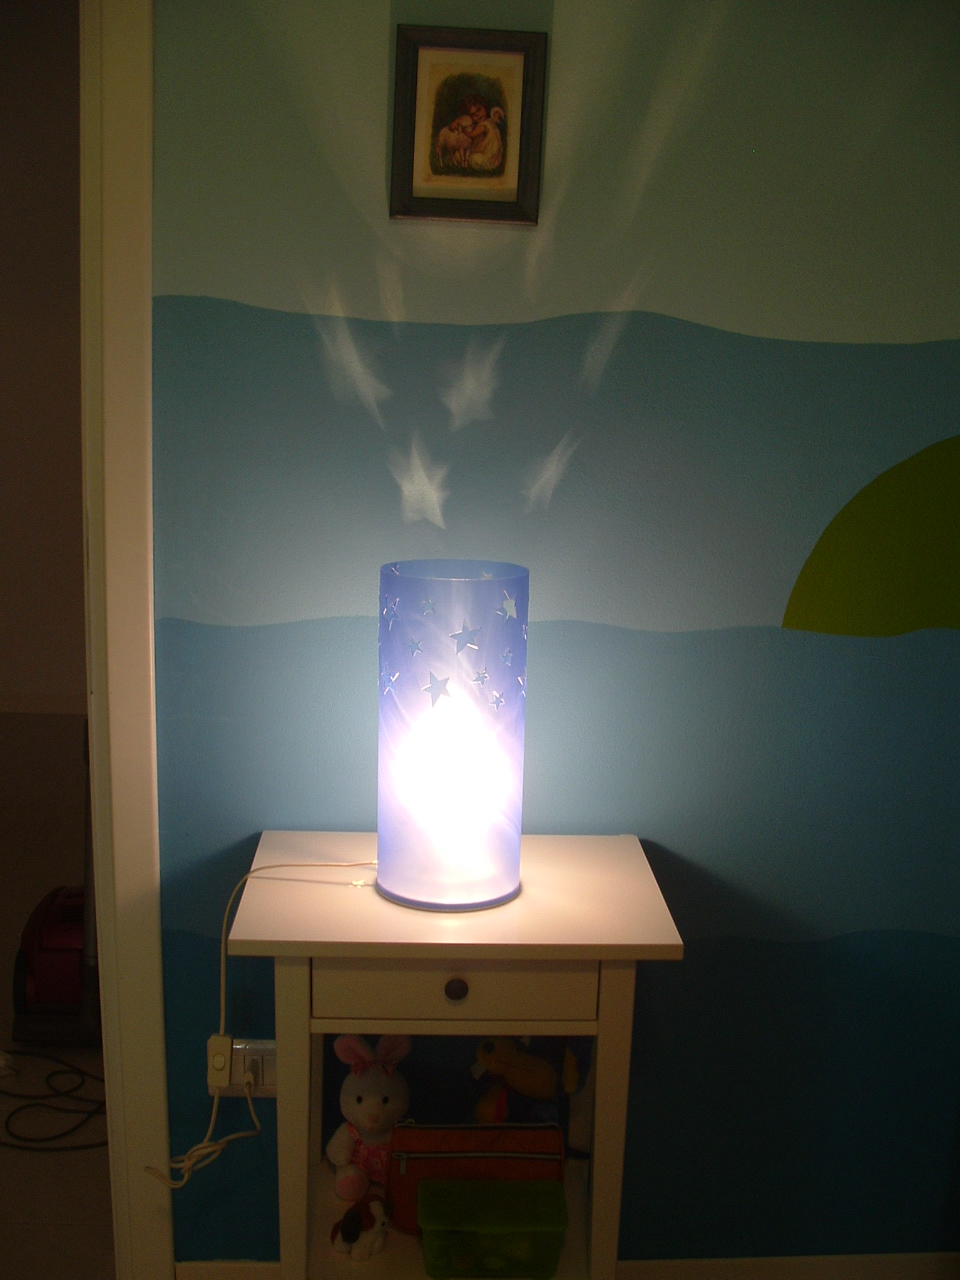 Abat jour da comodino ikea finest lampada da tavolo lampade da tavolo moderna semplice da letto - Lampade da comodino ikea ...